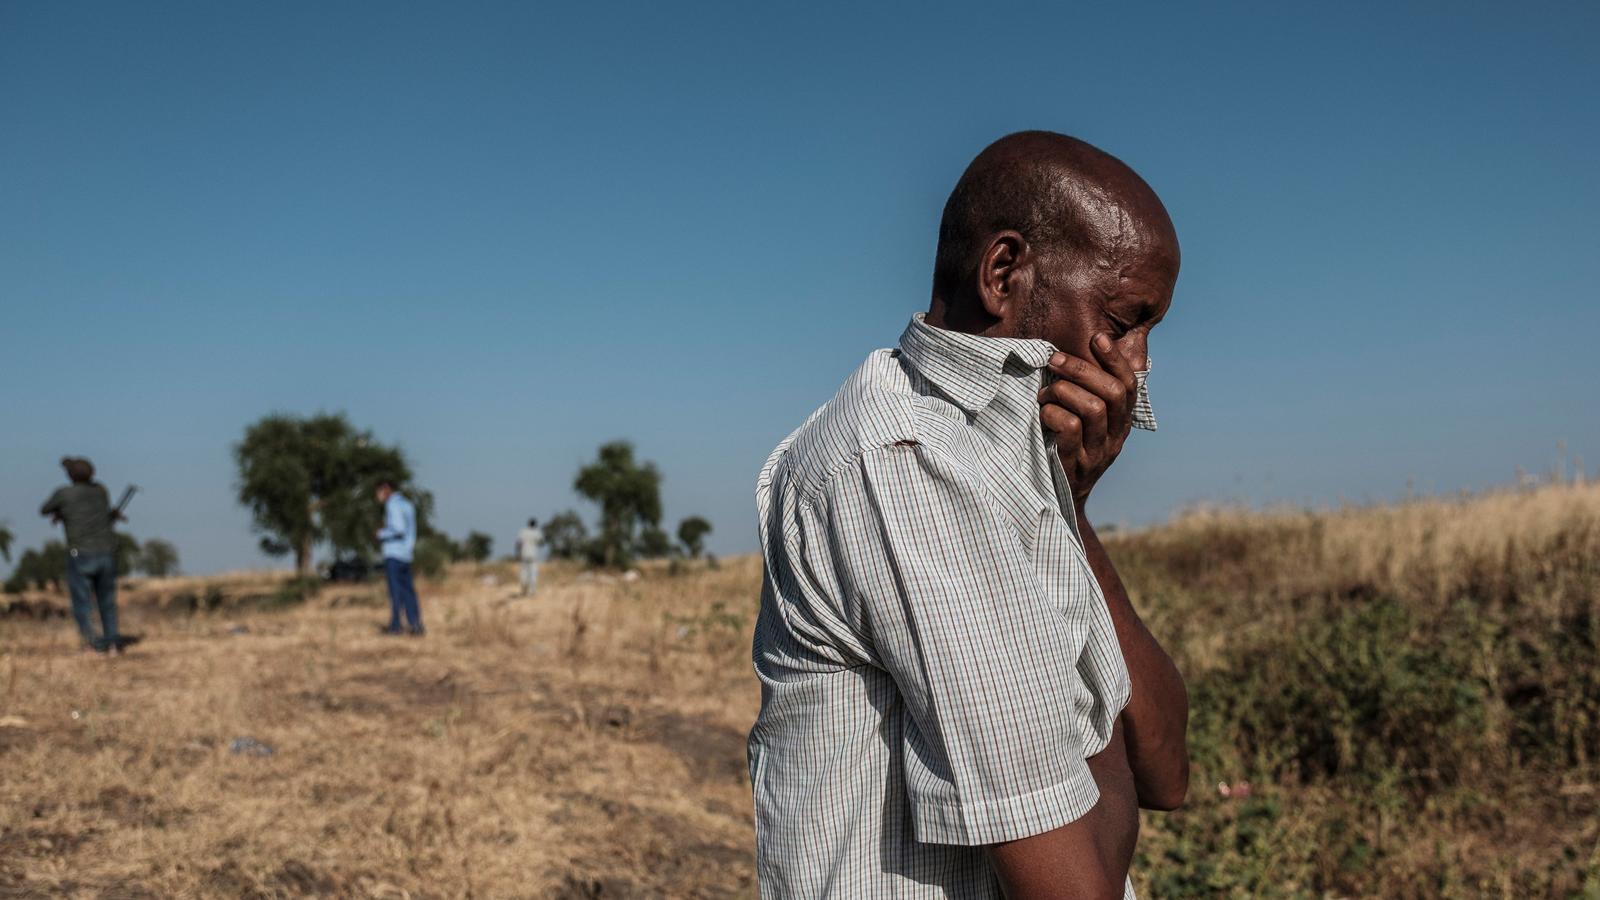 Un home reaccionant mentre esta a a prop d'una rasa als afores de Mai Kadra, Etiòpia